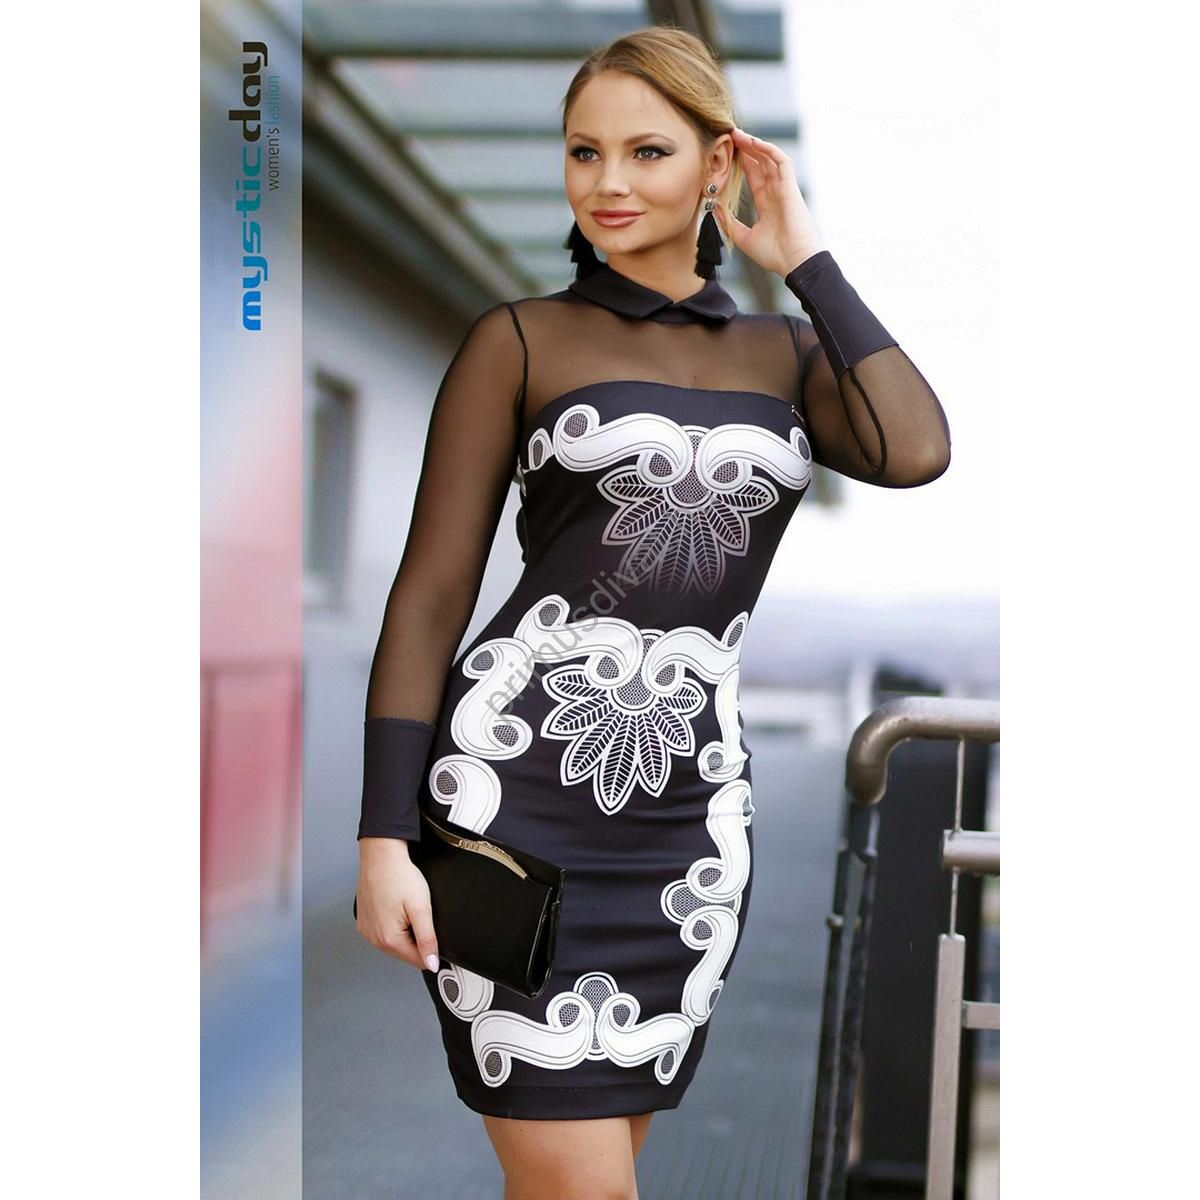 Mystic Day inggalléros muszlin ujjú fehér mintás fekete alkalmi ruha 97f8e1ddf1